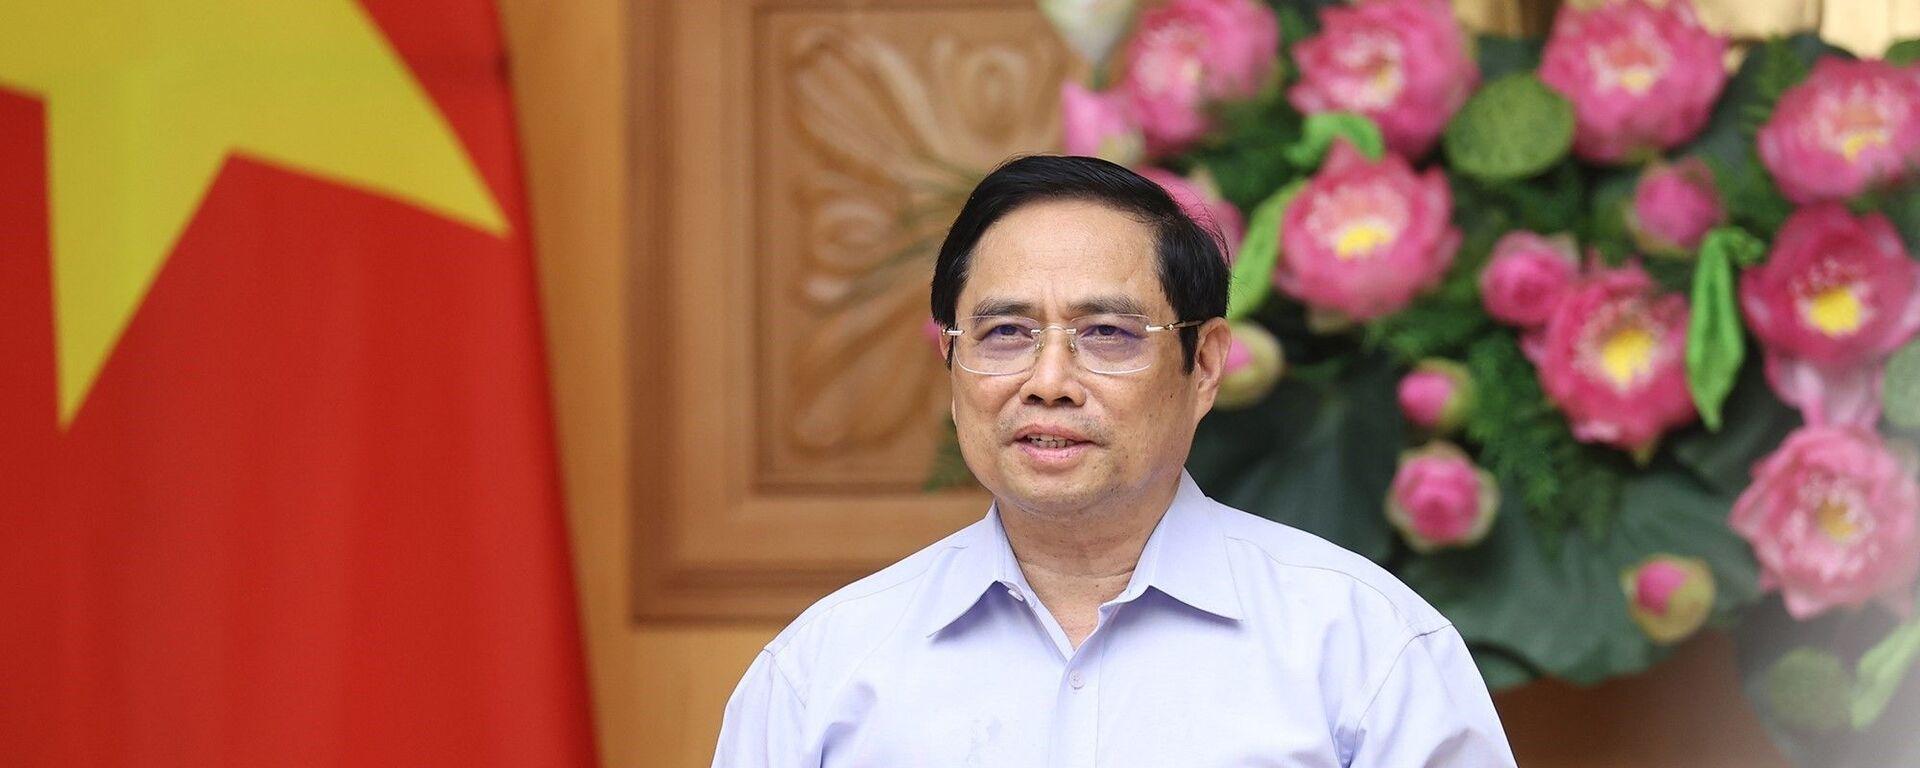 Thủ tướng Phạm Minh Chính phát biểu tại buổi làm việc. - Sputnik Việt Nam, 1920, 08.09.2021